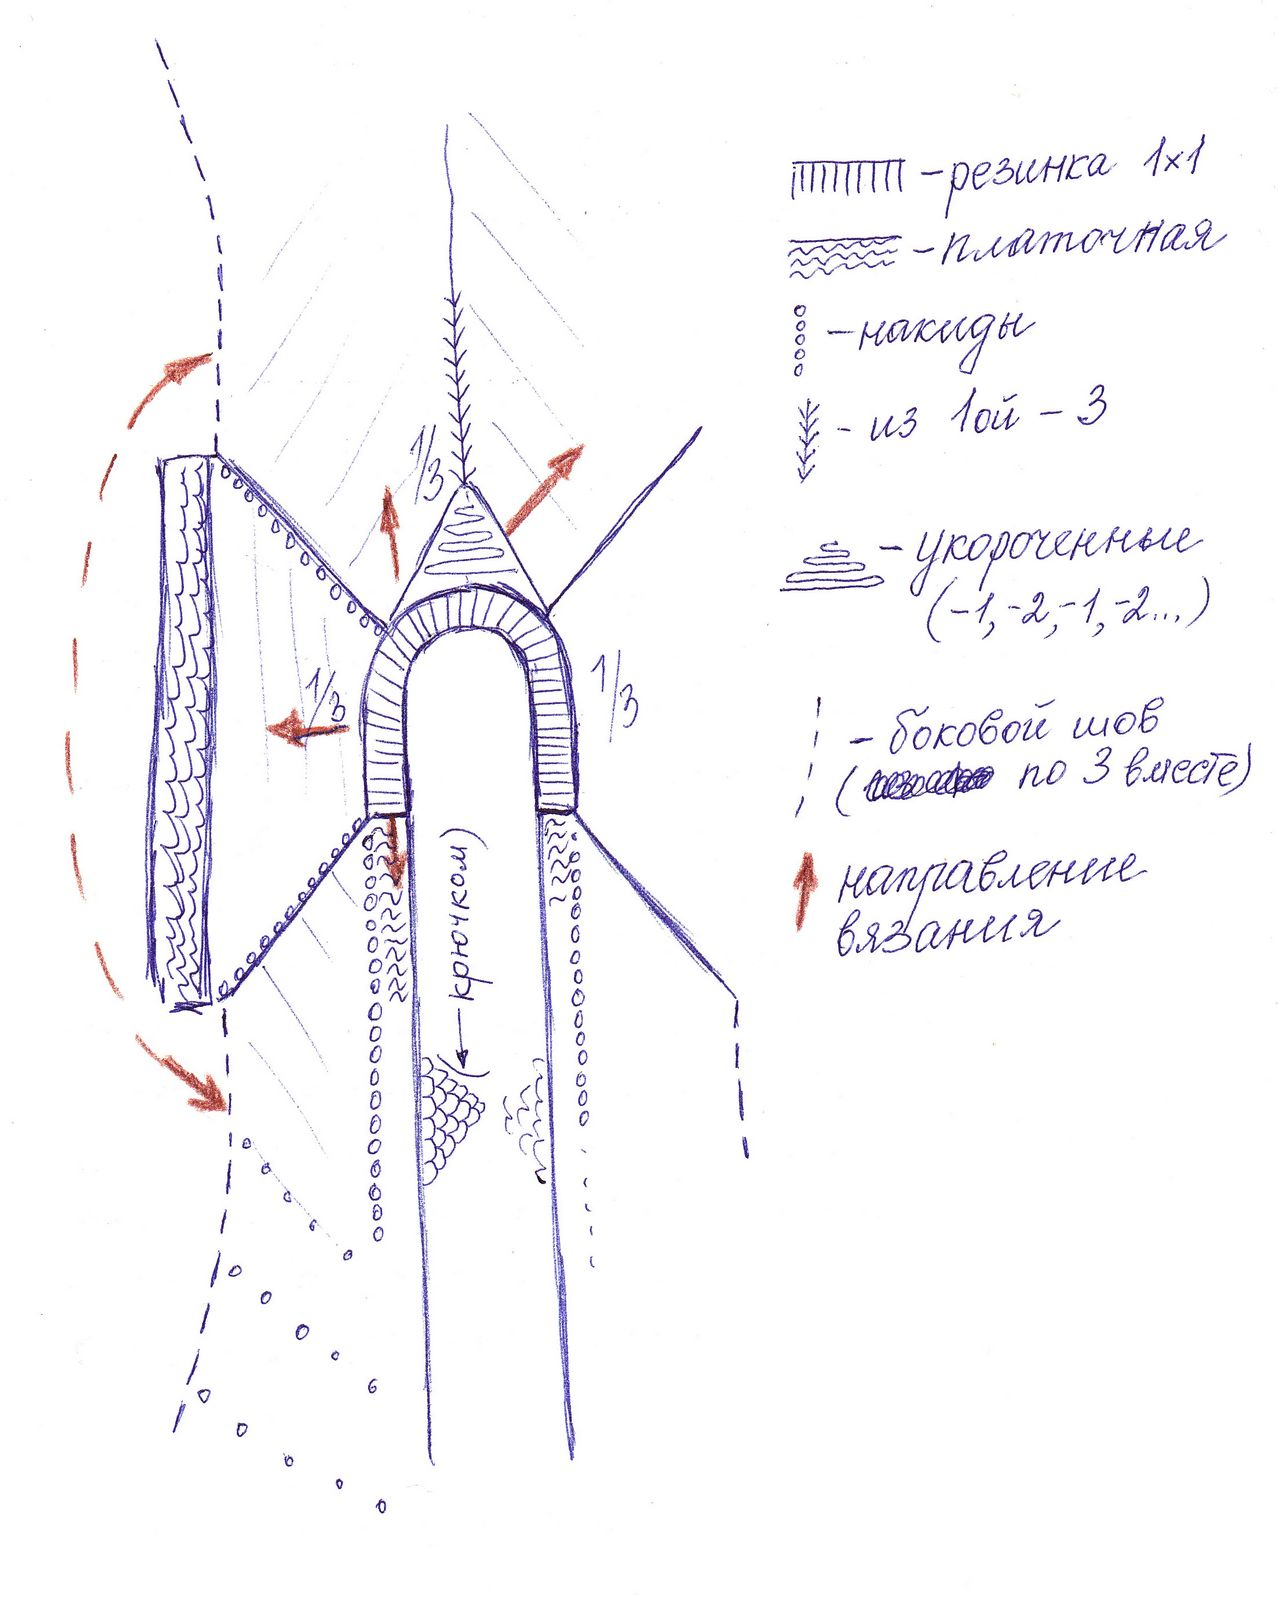 Вязание на спицах образцы рисунков вязания